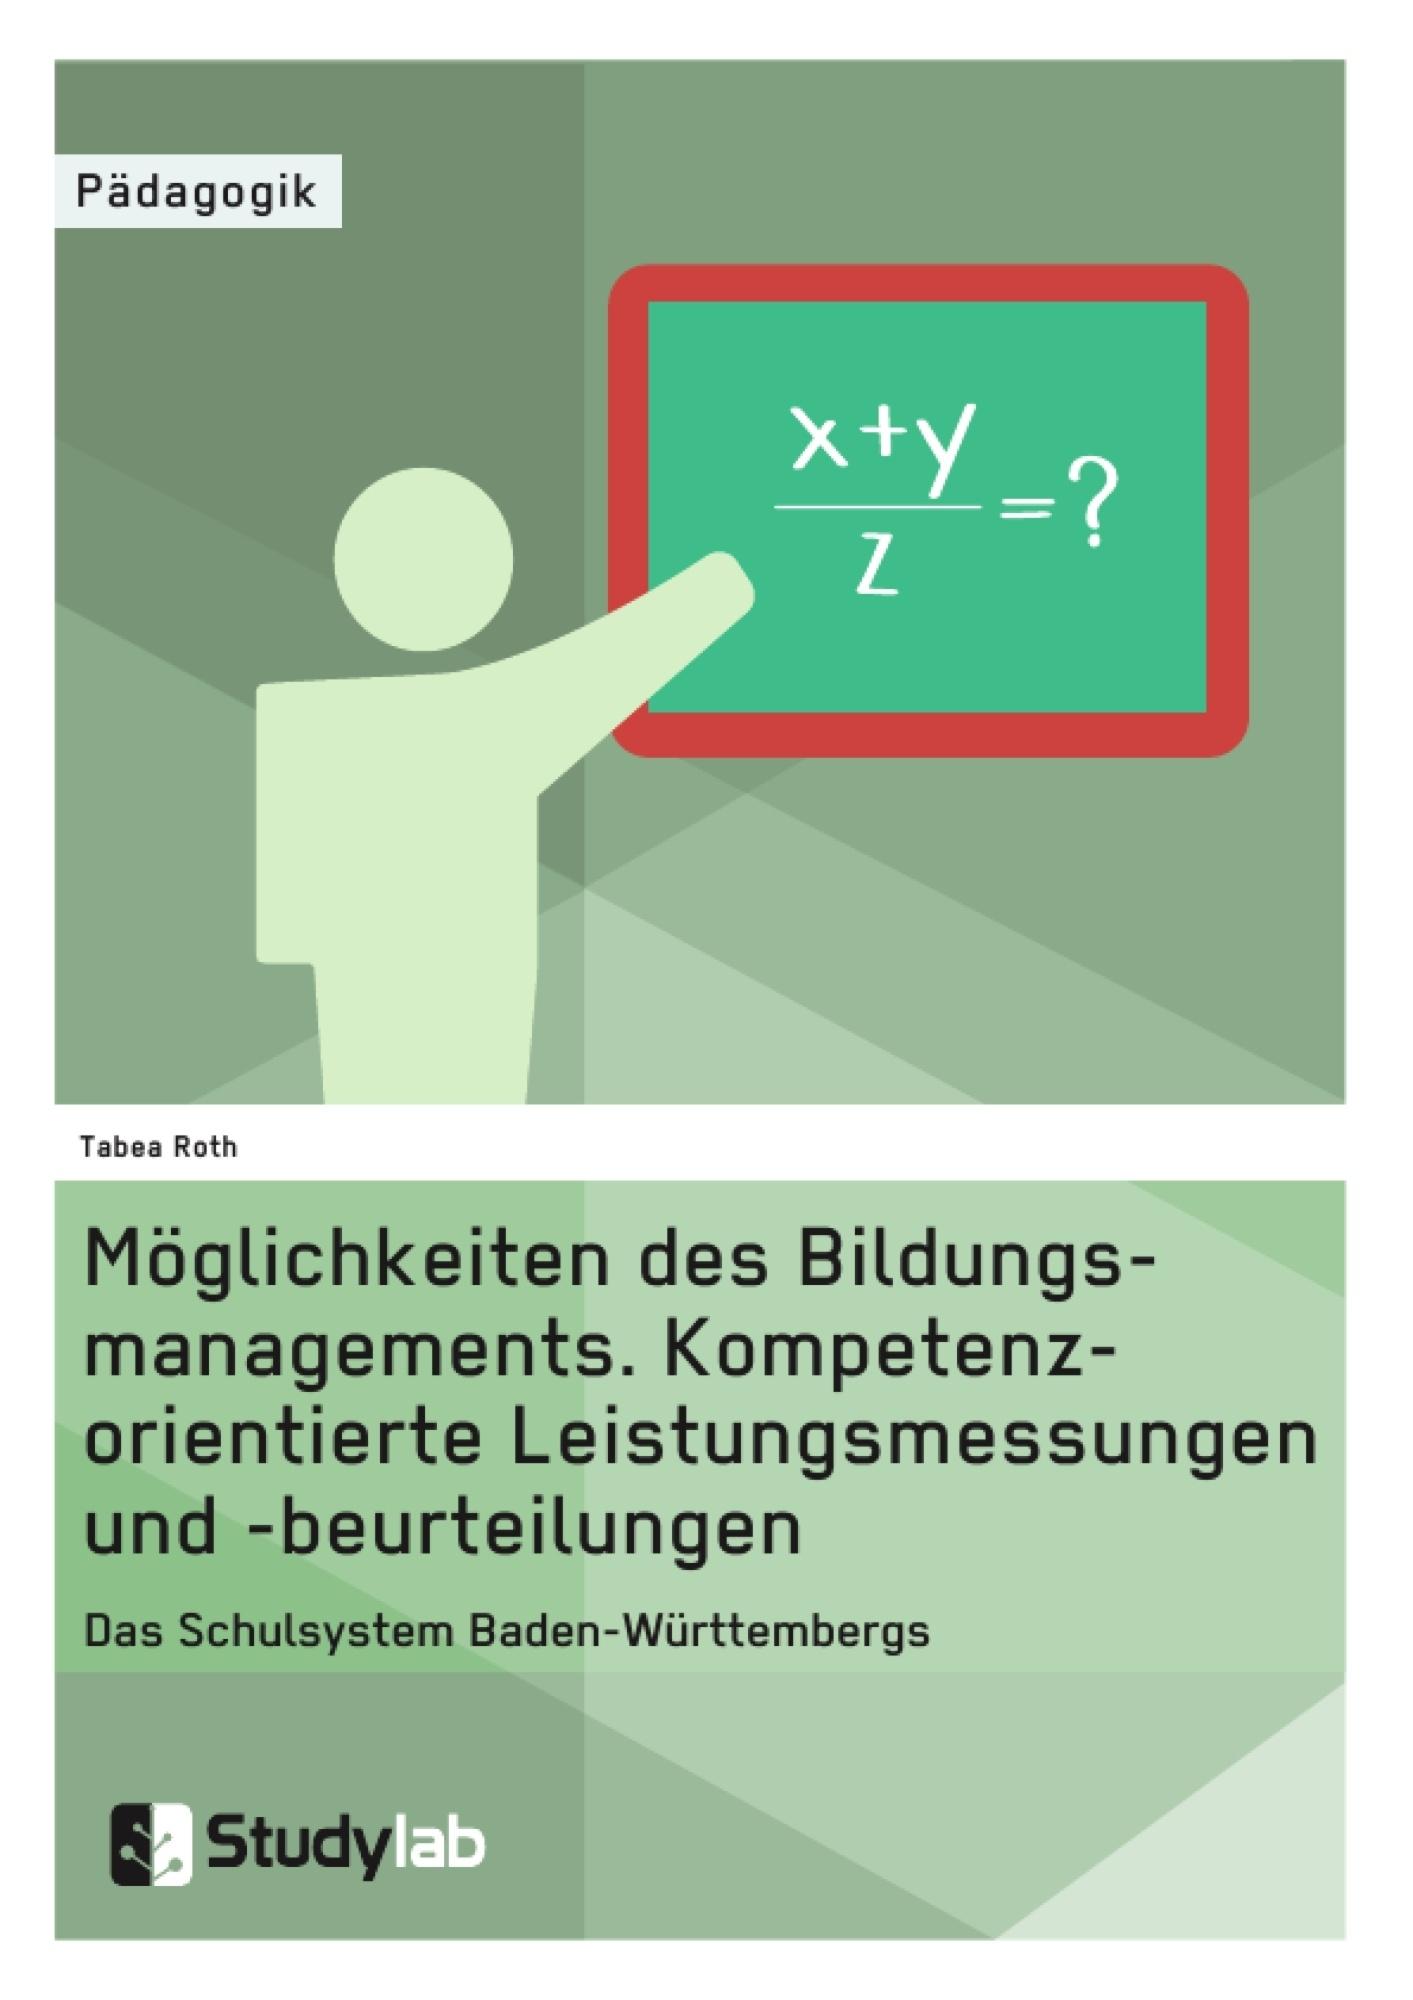 Titel: Möglichkeiten des Bildungsmanagements. Kompetenzorientierte Leistungsmessungen und -beurteilungen